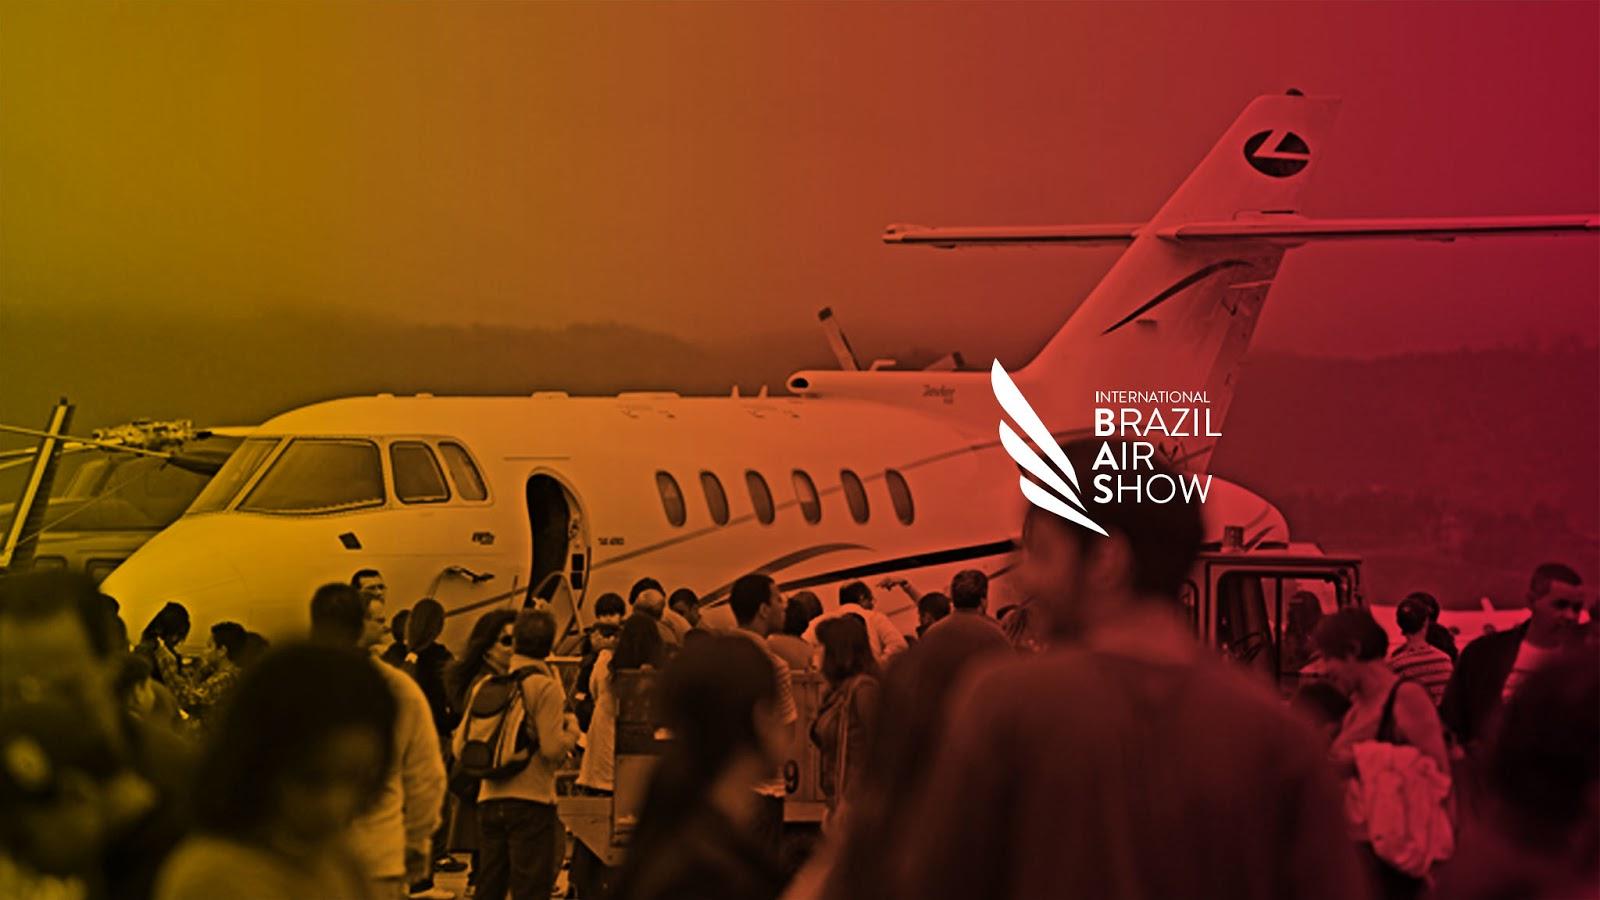 International Brazil Air Show 2019 debaterá concessão de aeroportos | É MAIS QUE VOAR